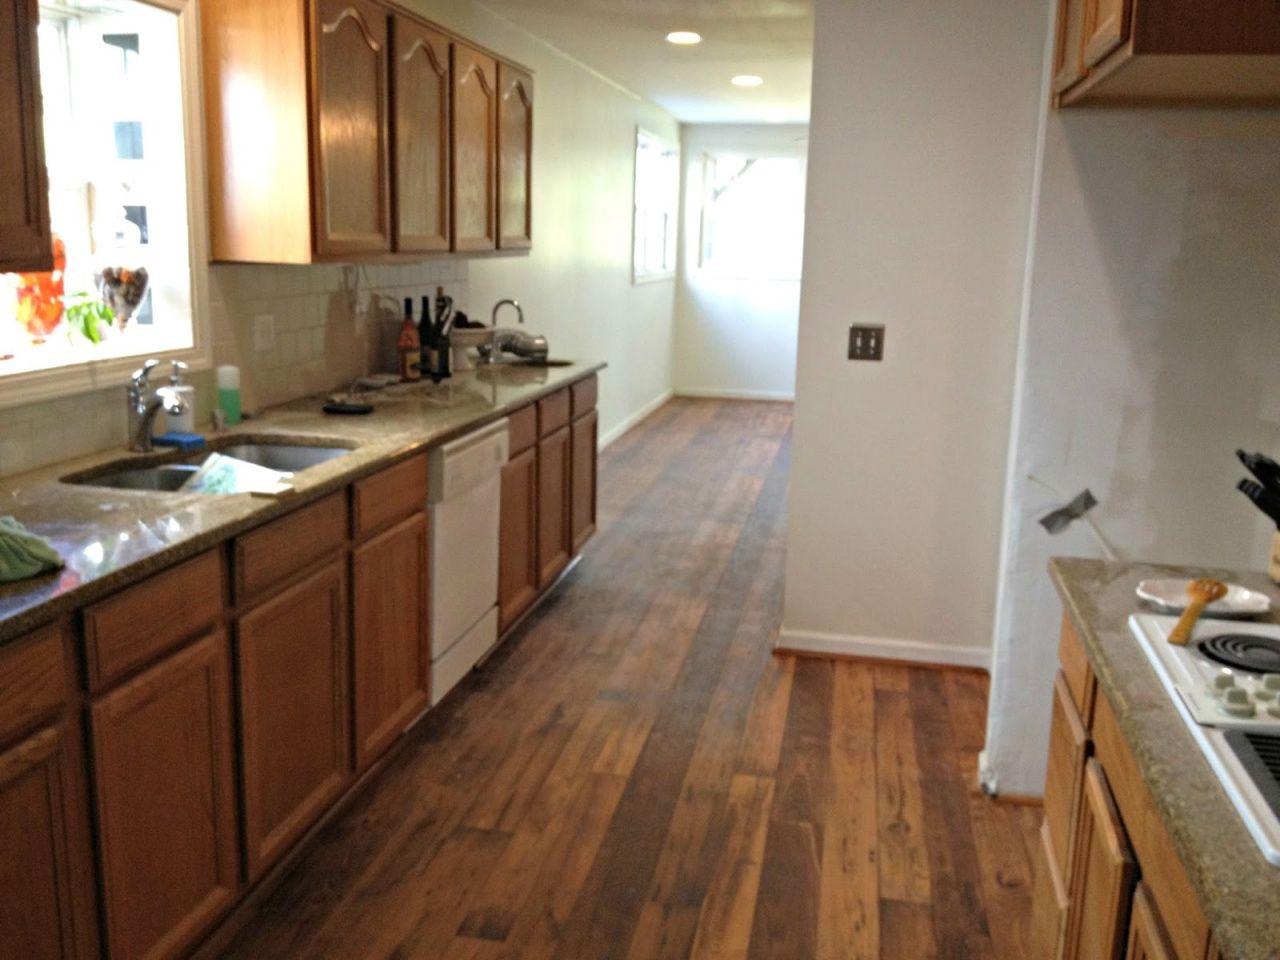 Vinyl Plank Flooring Seam Sealer In 2020 Vinyl Flooring Kitchen